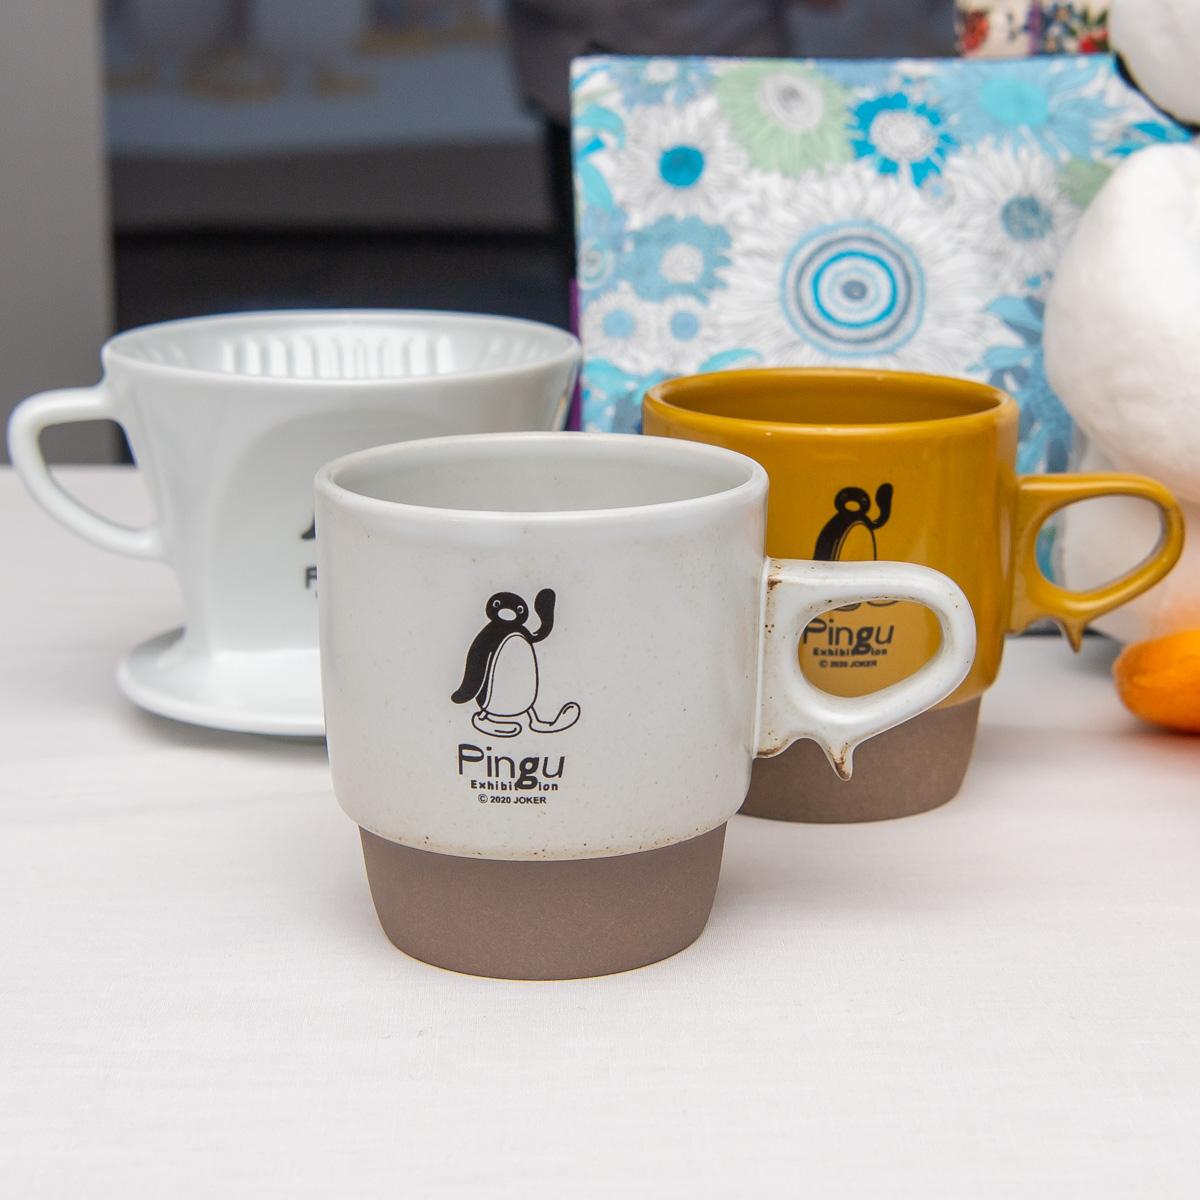 Pingu 40th カリタHASAMIマグカップ(ホワイト・イエロー)